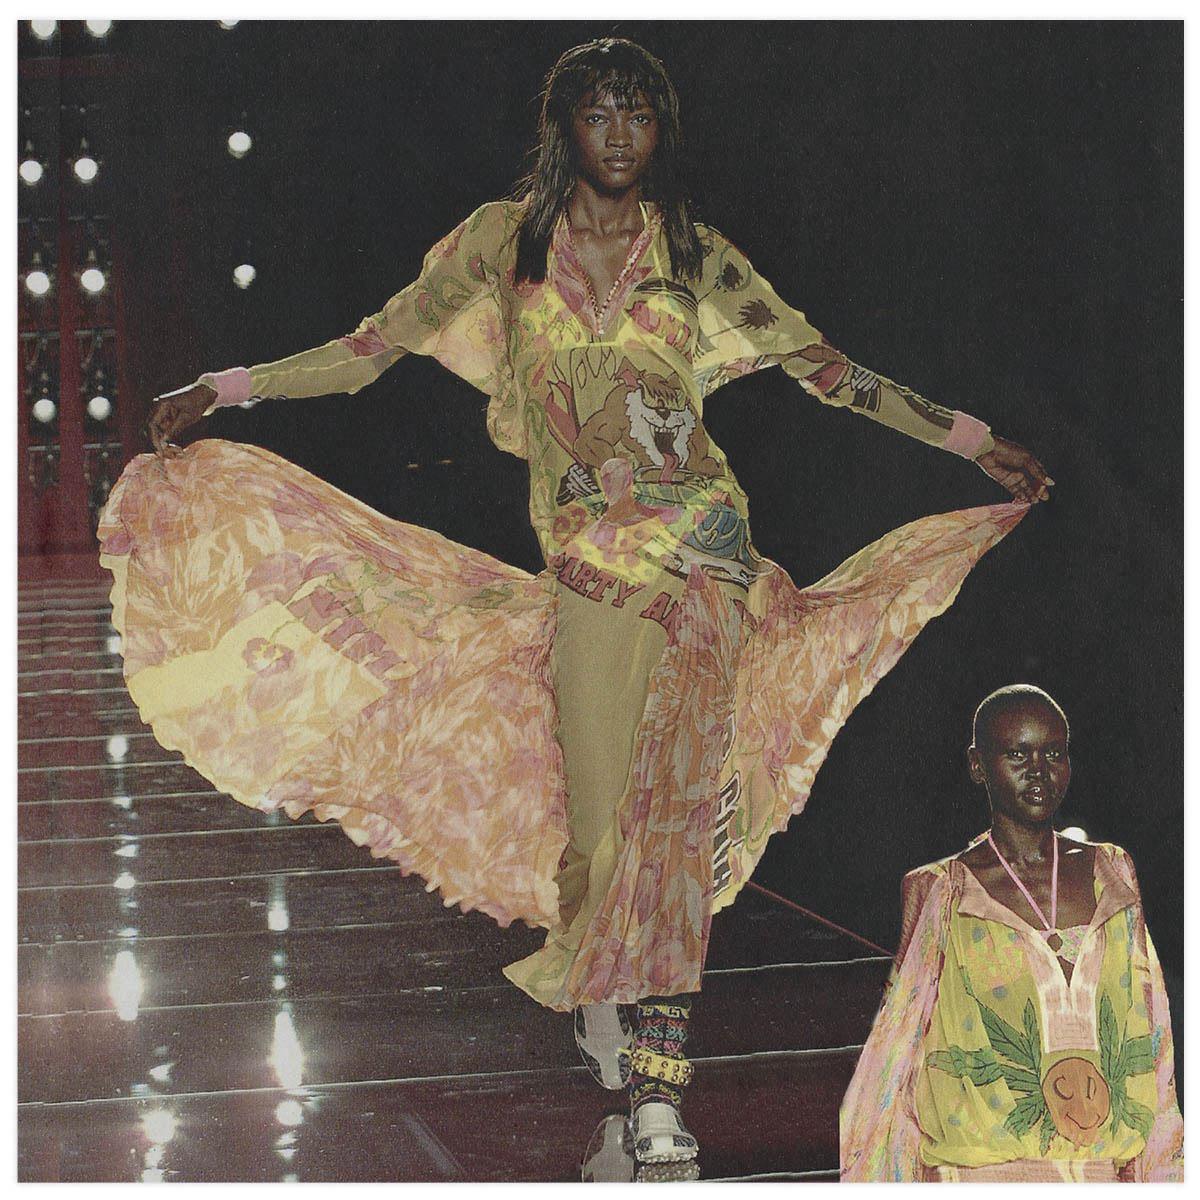 Christian Dior Haute-Couture Défilé 2000 Styliste J. Galliano Aérographe sur tissu à plat